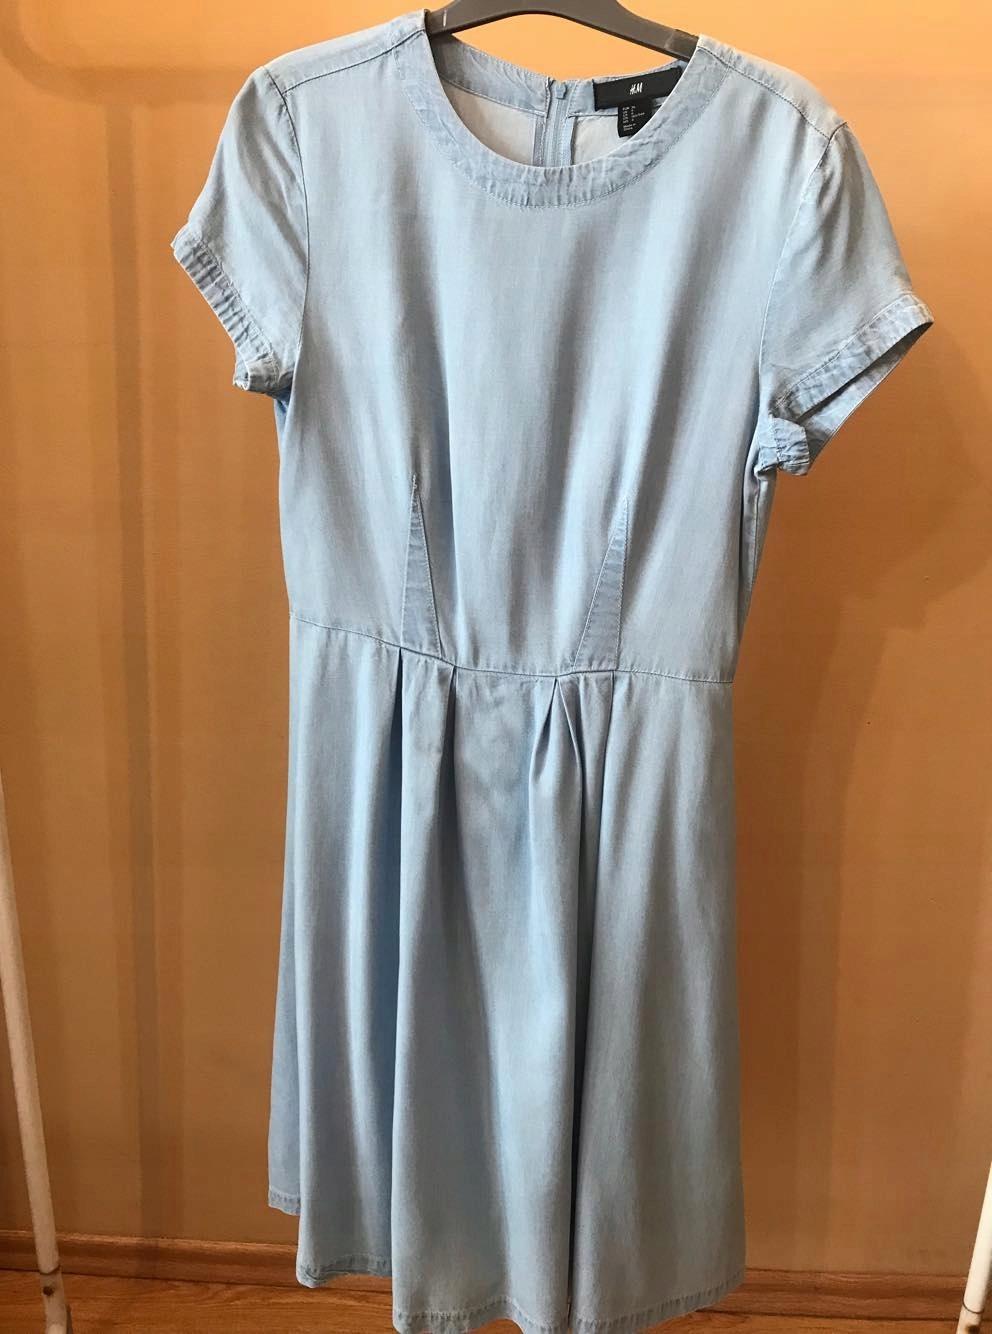 0ddd599dda Sukienka jeansowa H M rozkloszowana - 7456688952 - oficjalne ...